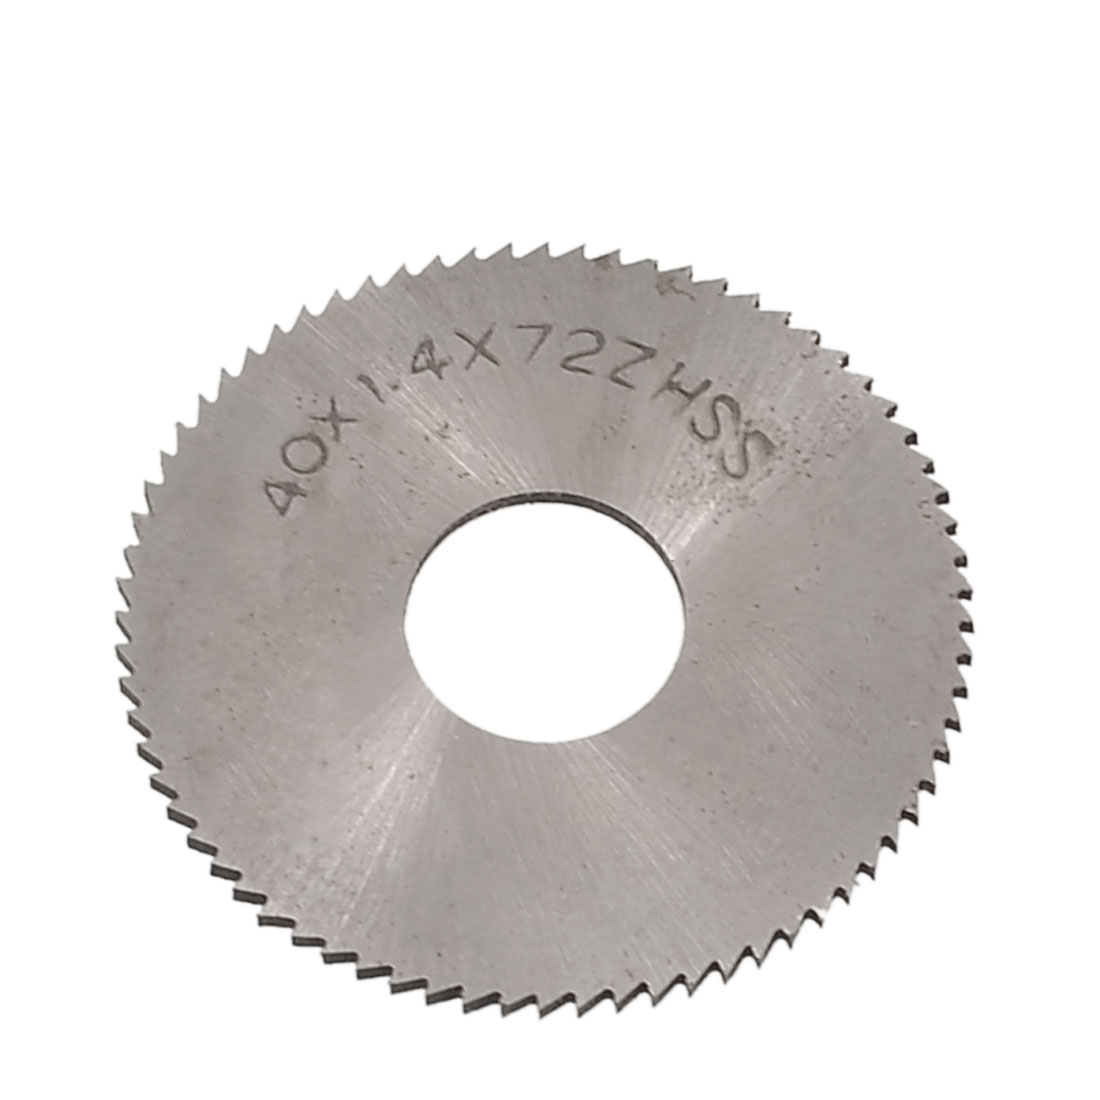 Silver Tone HSS 40mm x 1.4mm x 13mm 72T Slitting Saw